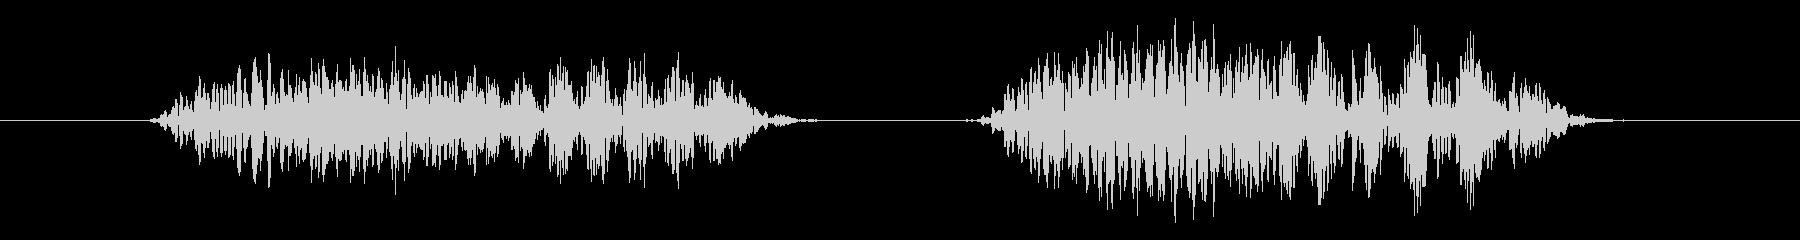 鳥 バードレイヴン03の未再生の波形